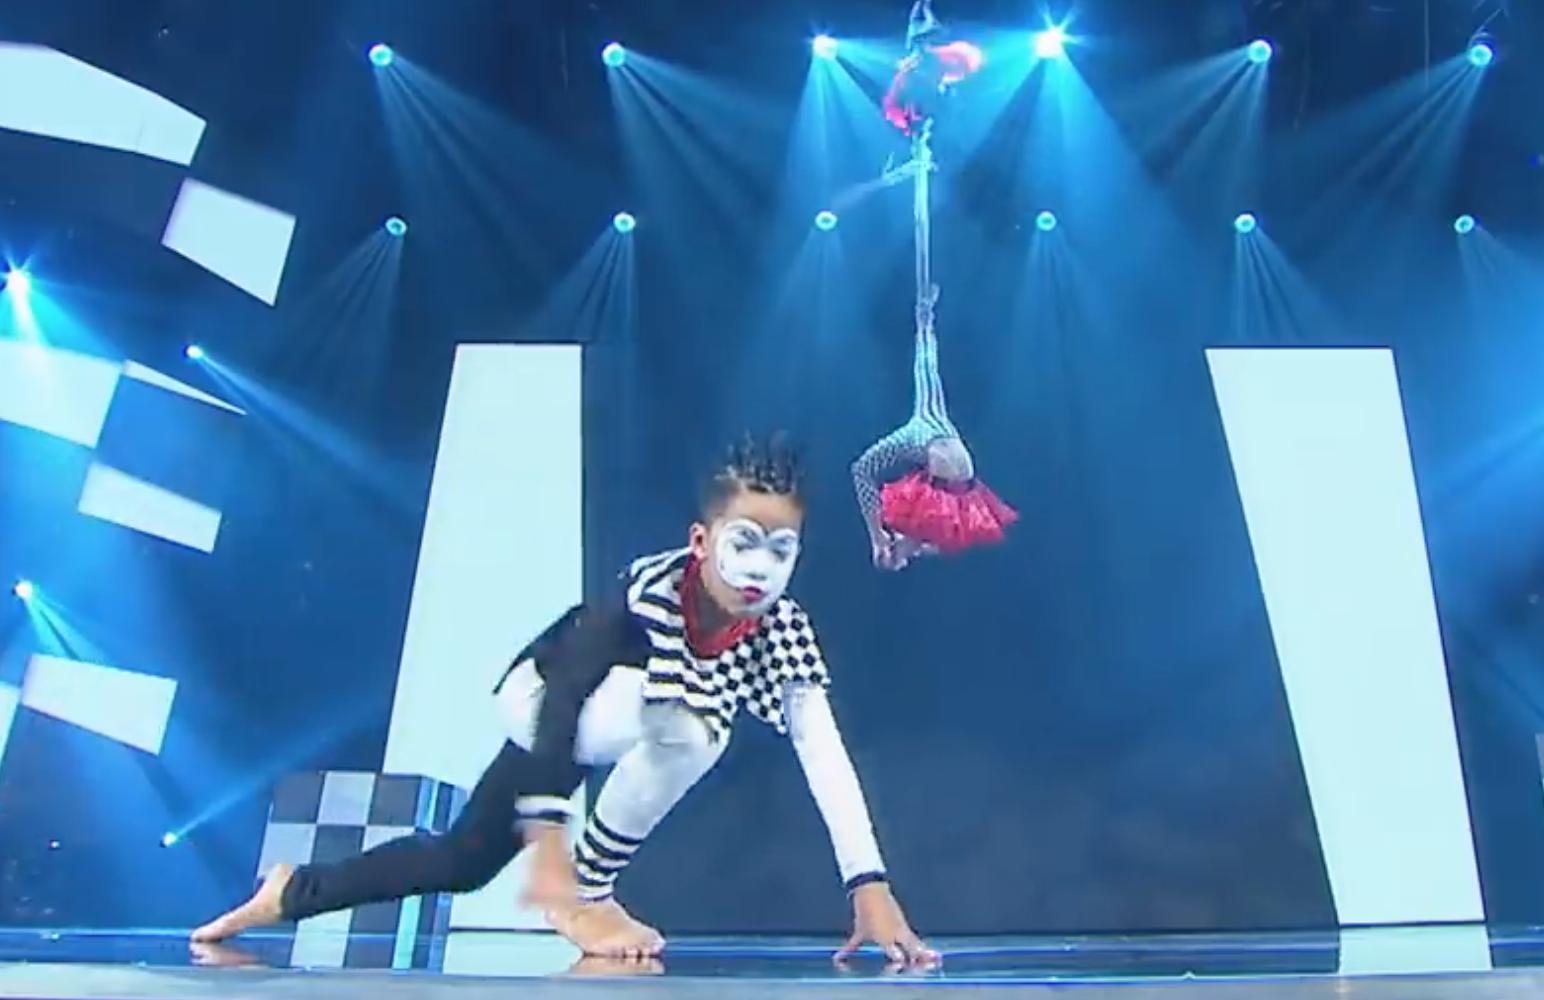 Asias Got Talent: Cặp đôi nhí Việt Nam khiến giám khảo thót tim với màn thả người trên không - Ảnh 3.